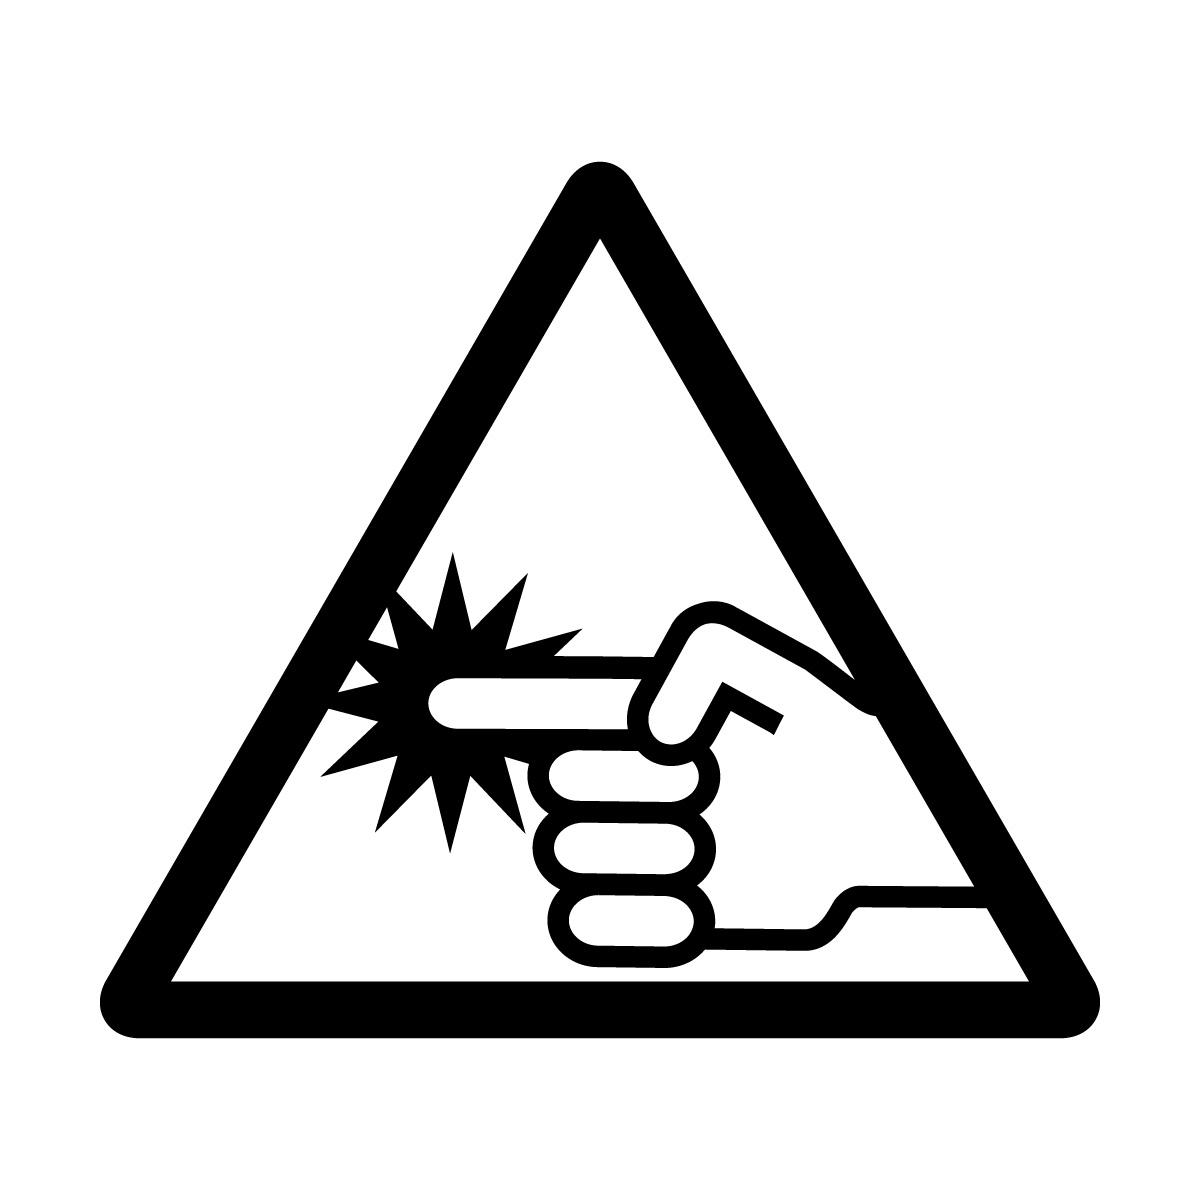 黒い指づめ・指挟み注意マークのカッティングシートステッカー・シール